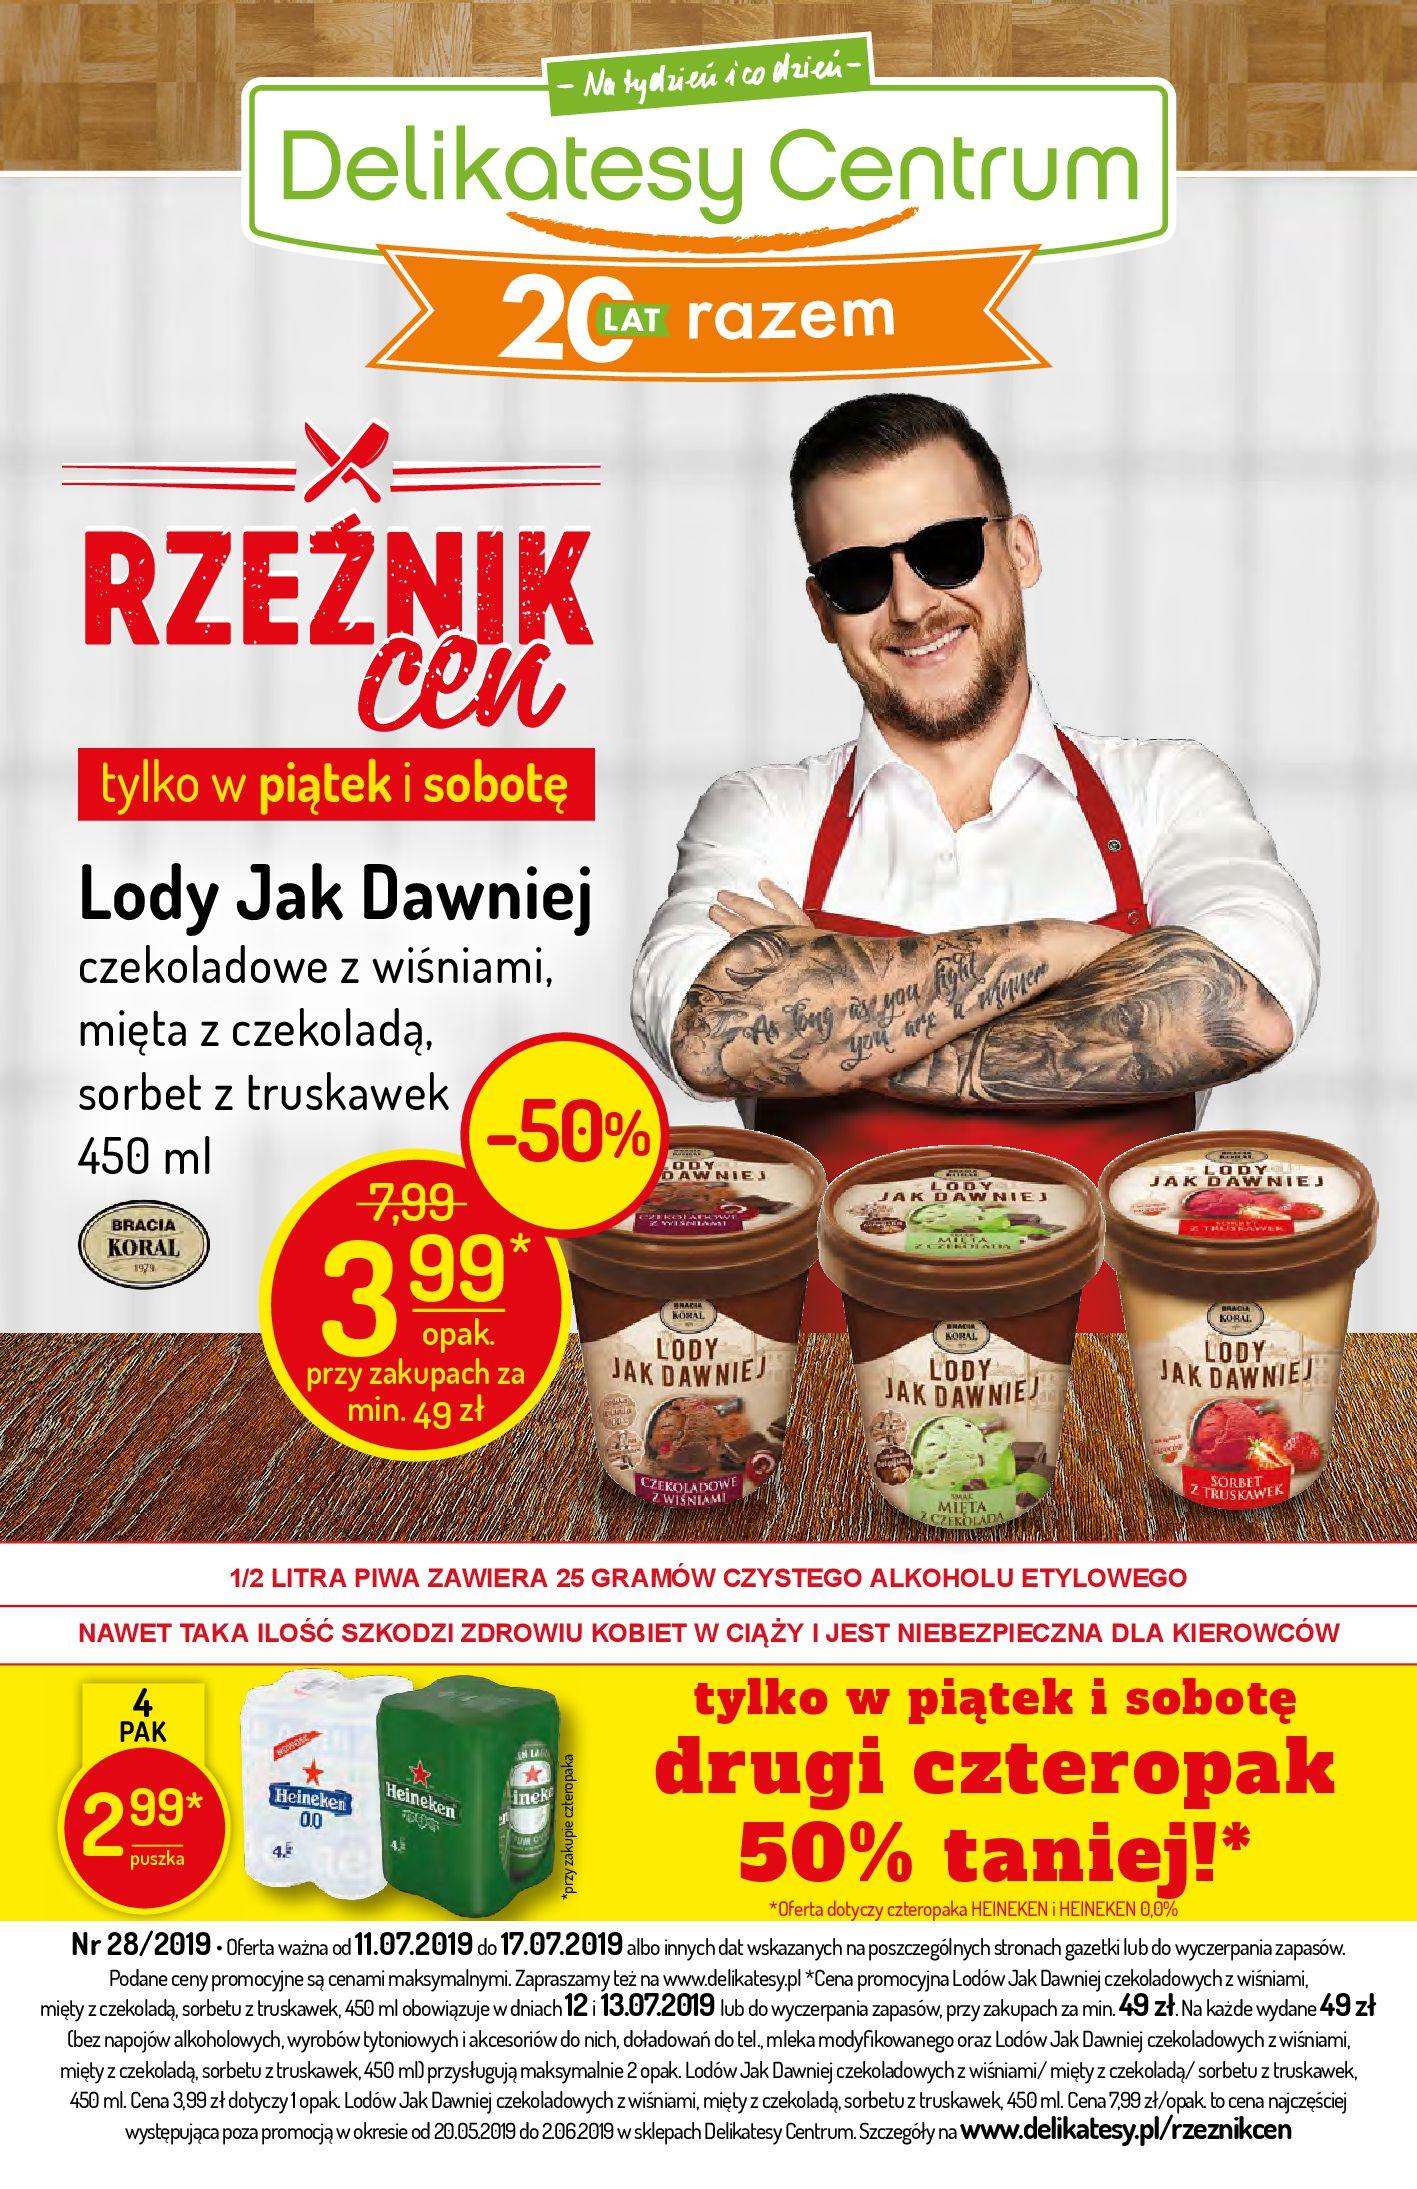 Gazetka Delikatesy Centrum - Oferta na art. spożywcze i kosmetyki-10.07.2019-17.07.2019-page-1